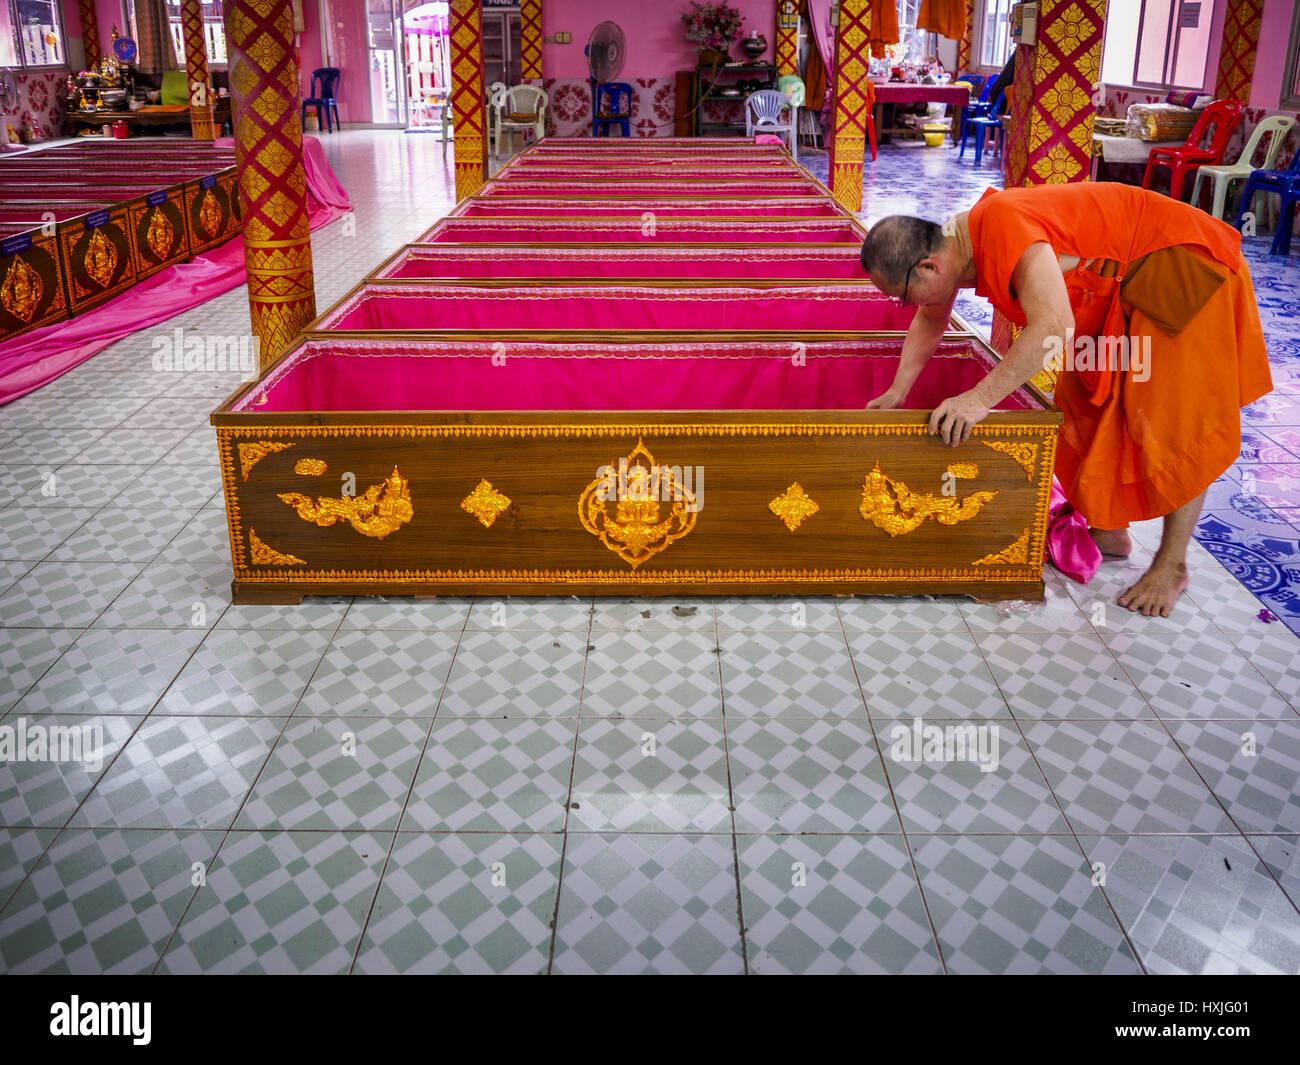 Bang Kruai, Nonthaburi, Tailandia. 29 Mar, 2017. Un monje budista recoge el dinero en un ataúd como donación Imagen De Stock